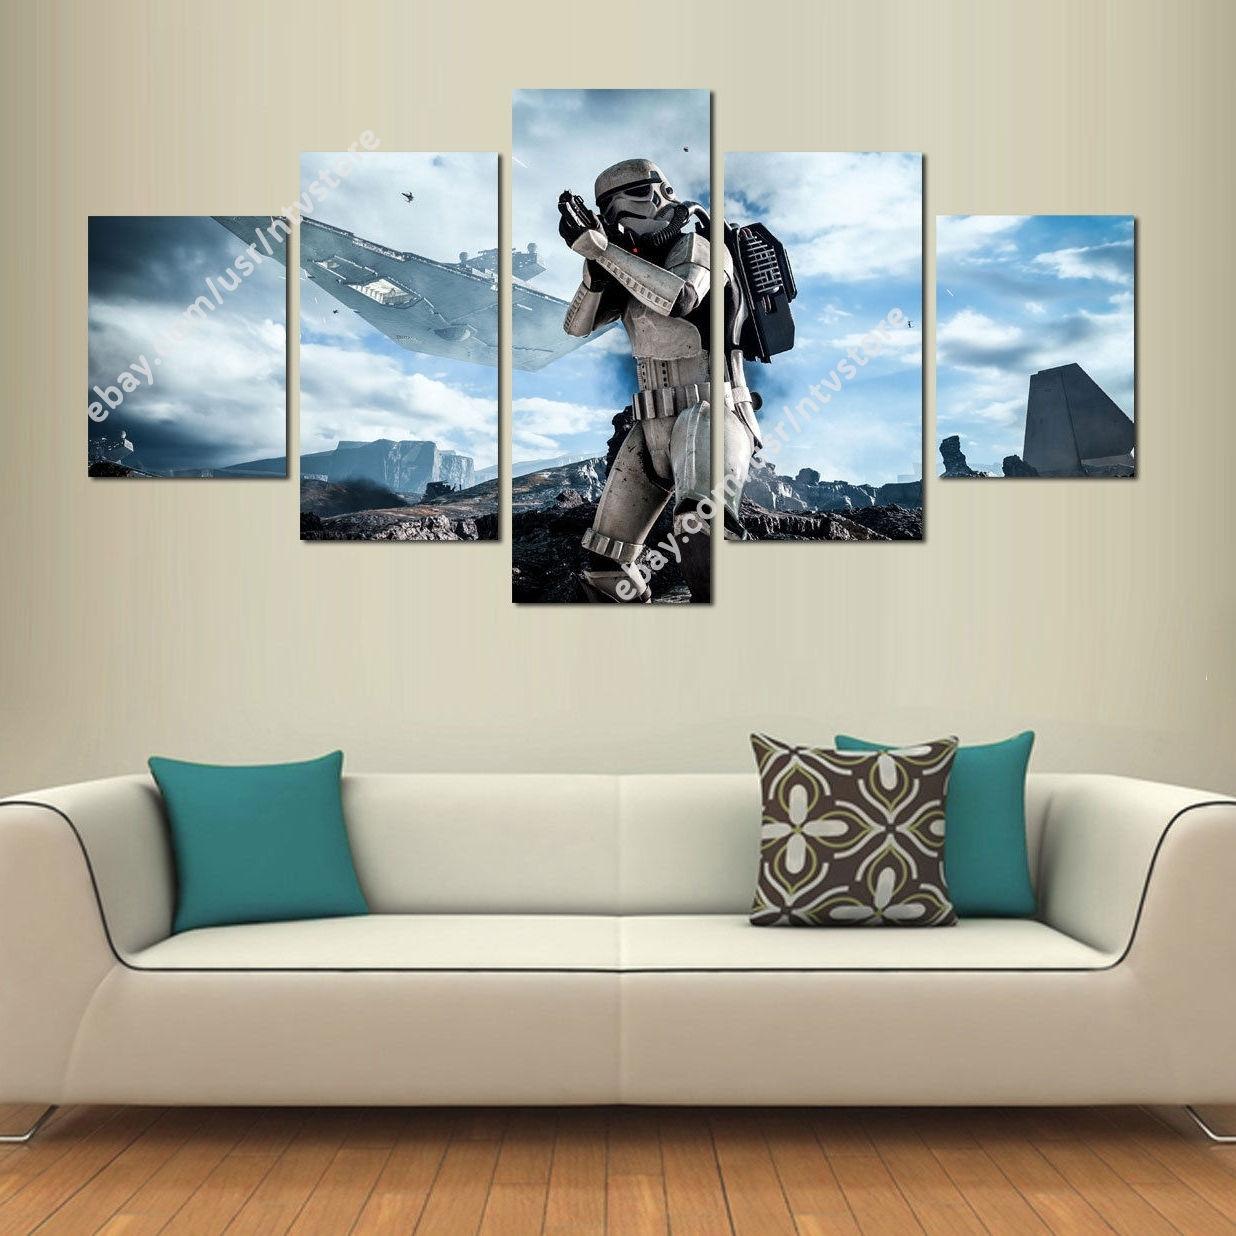 Star Wars Battlefront Stormtrooper Canvas Wall Art Print Set 5 Piece Regarding Current 5 Piece Canvas Wall Art (View 19 of 20)